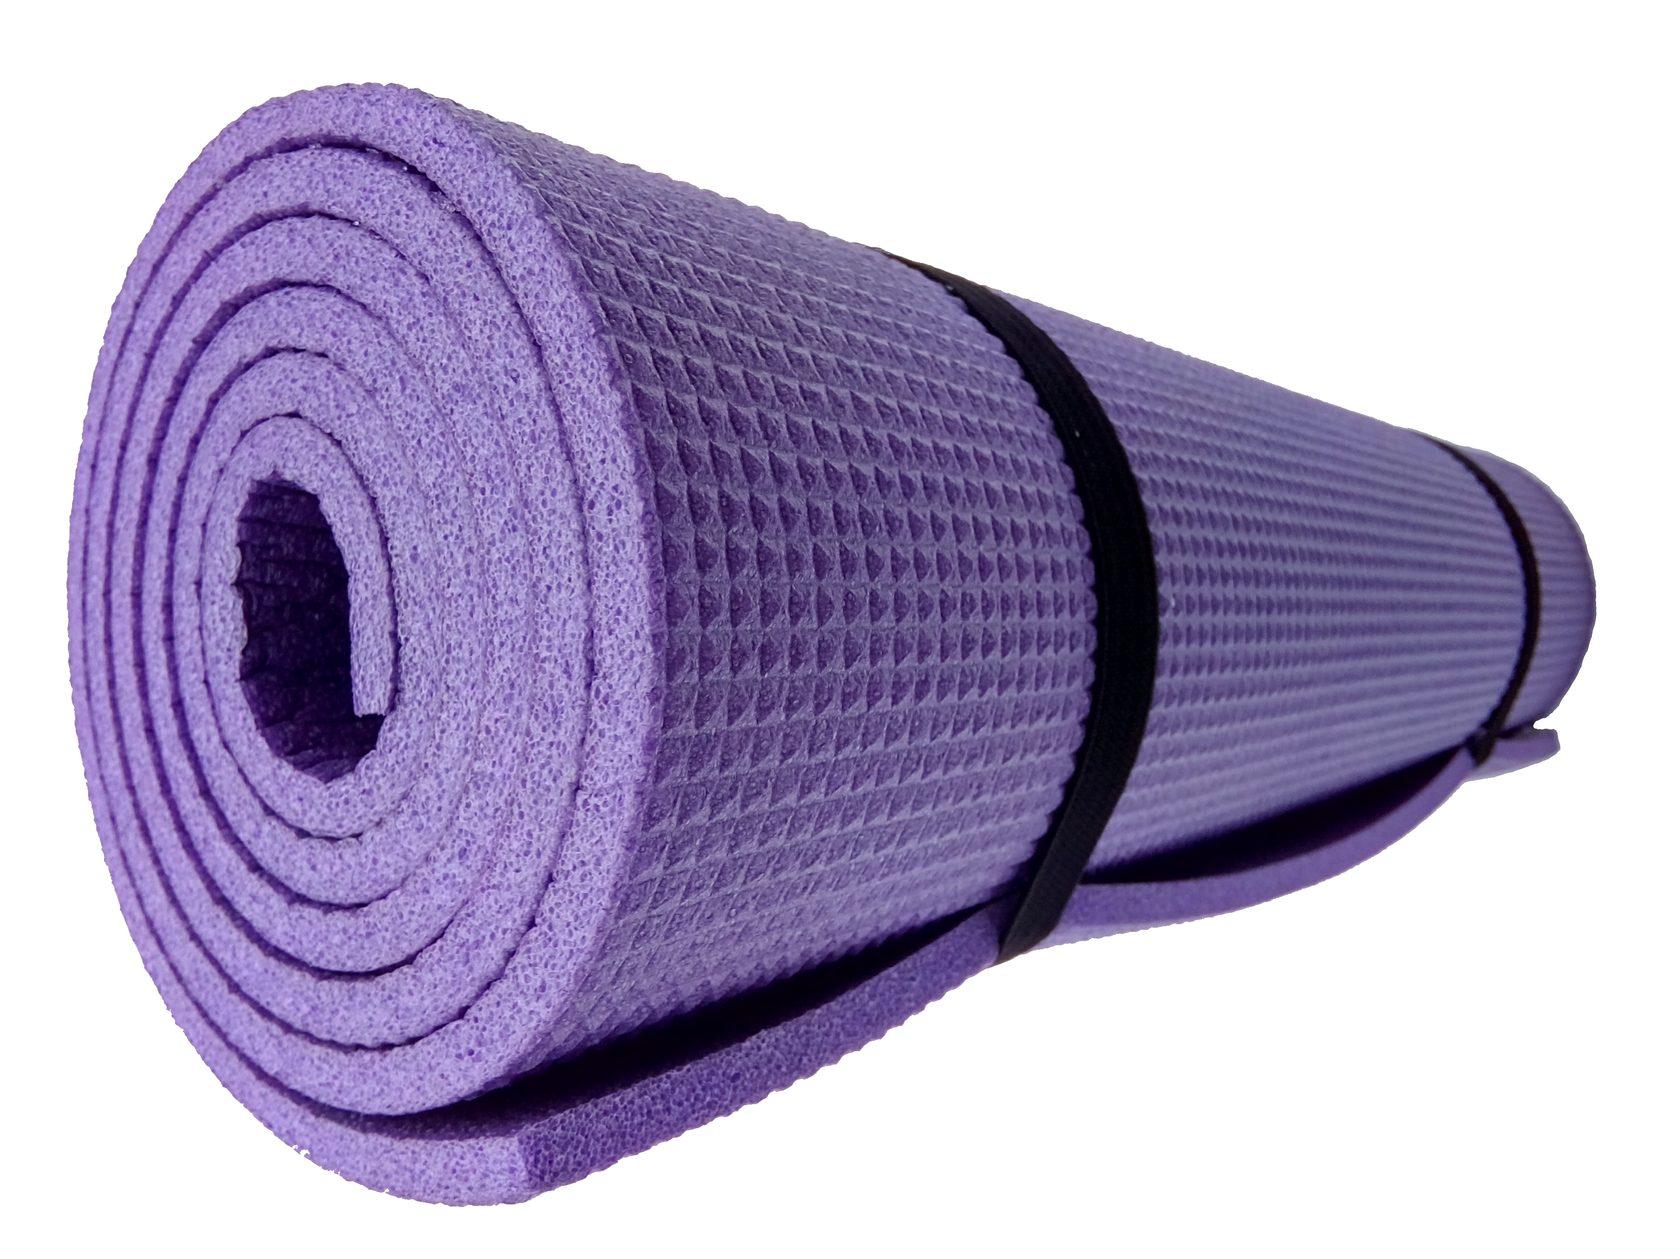 Коврик для йоги купить Киев